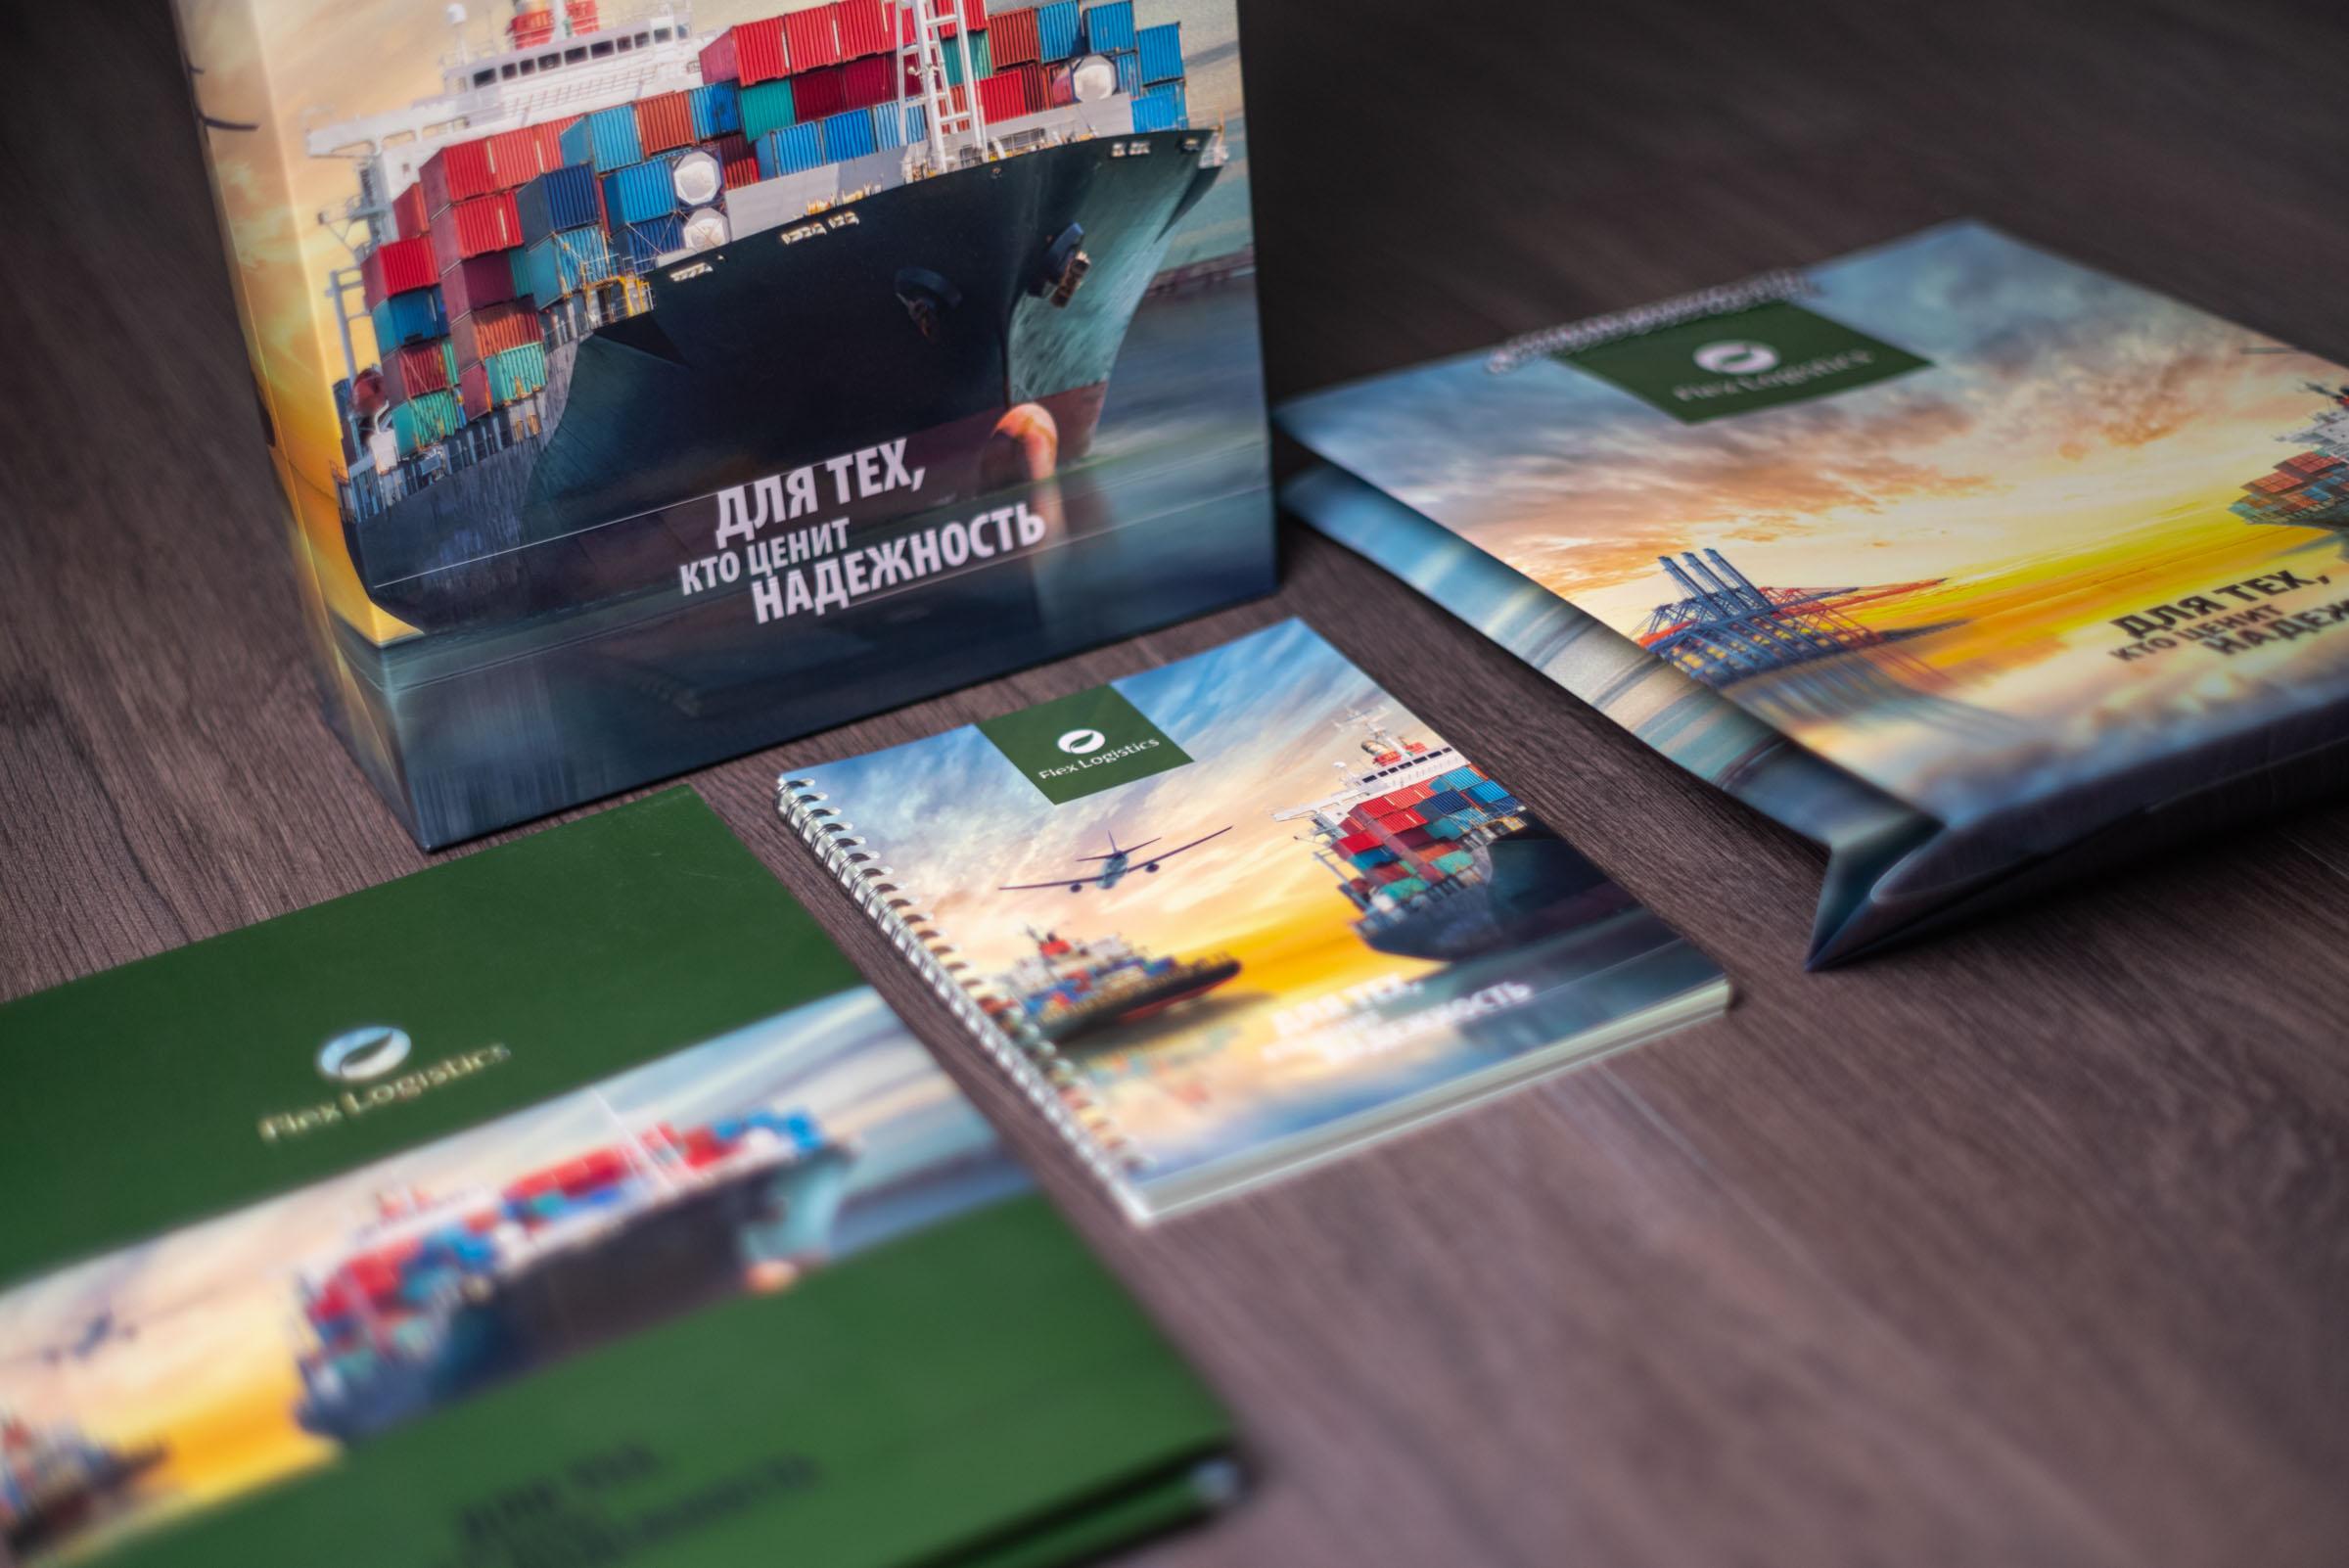 дизайн буклета, блокнота и бумажного подарочного пакета